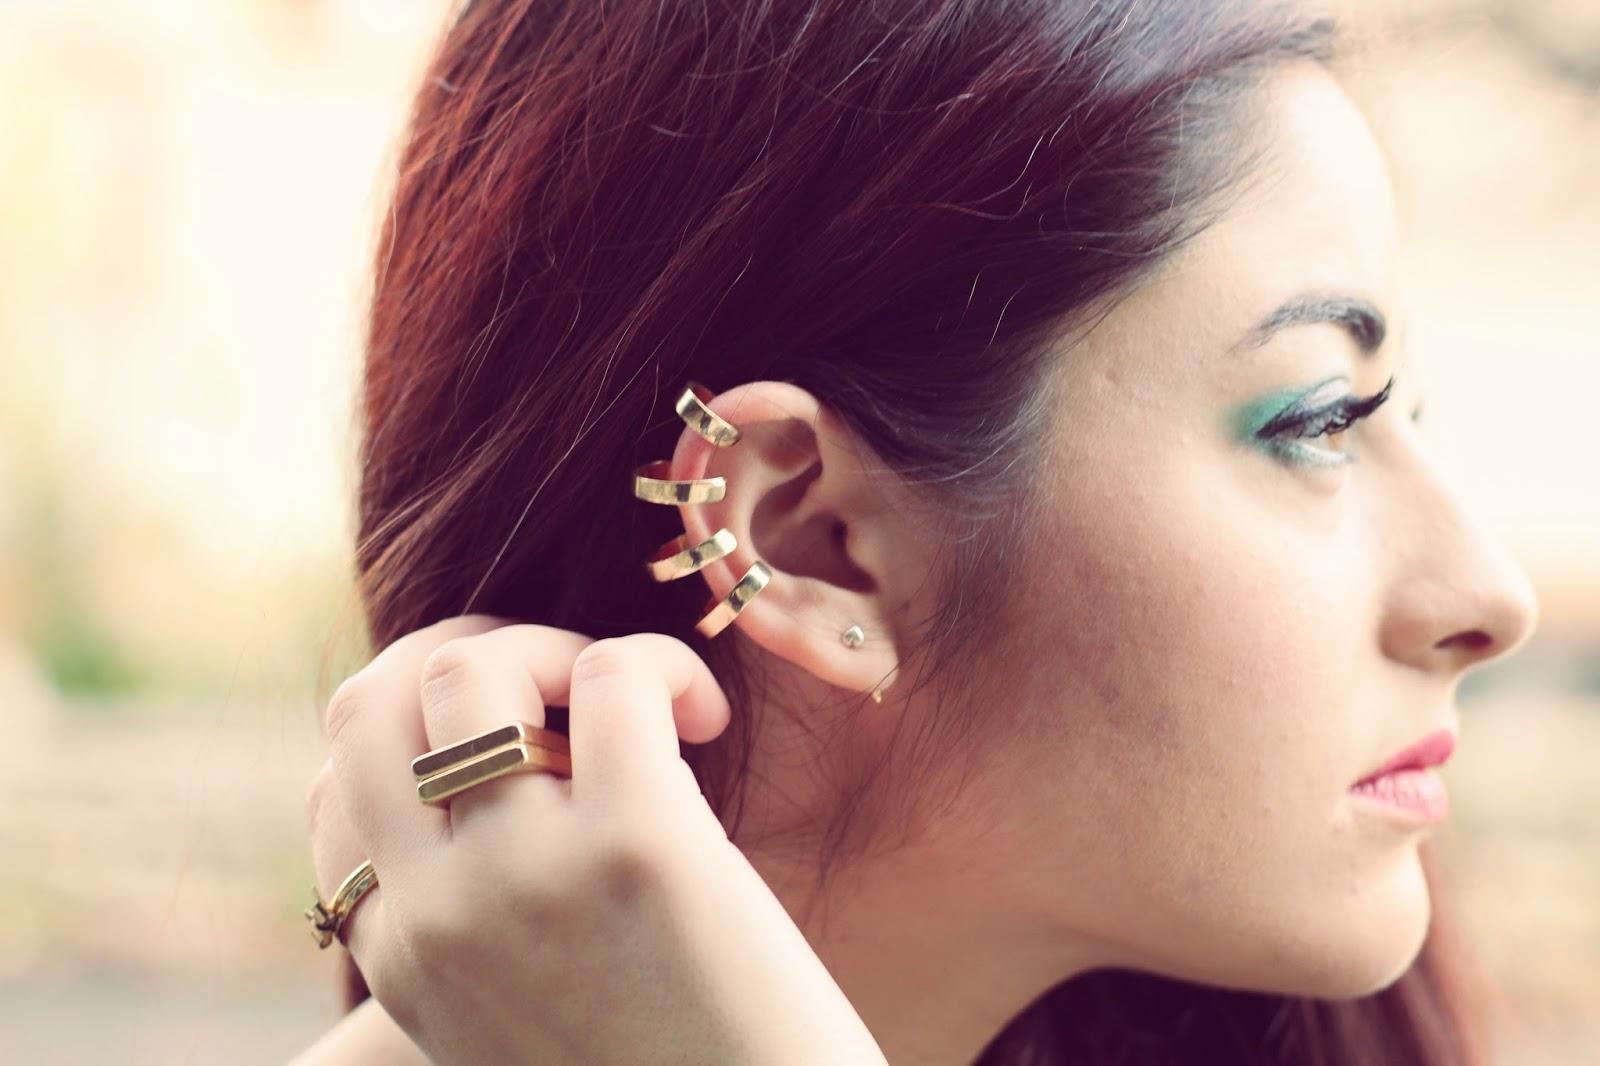 boucle d'oreille originale